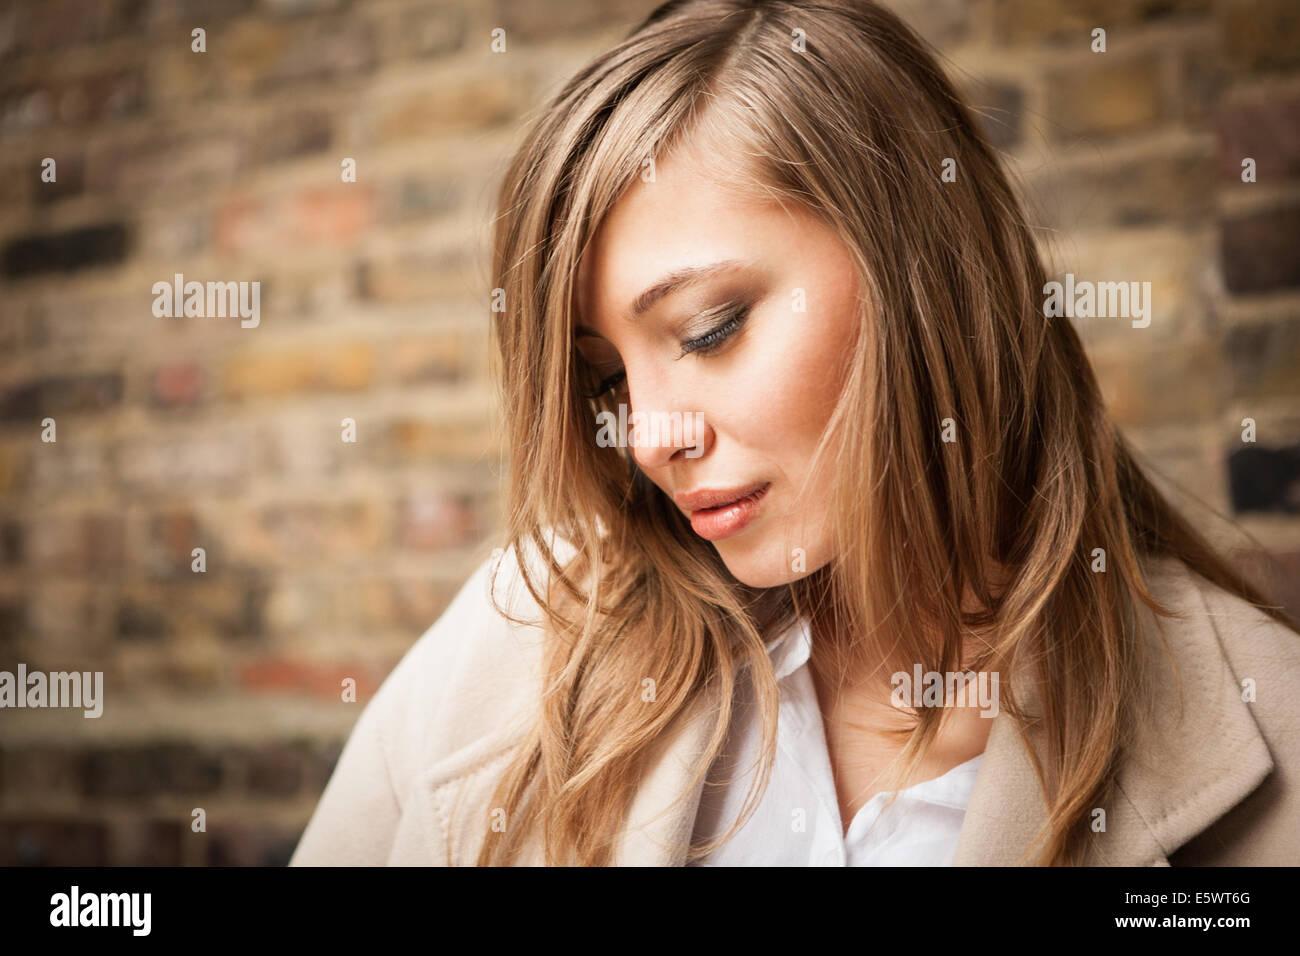 Femme avec les yeux baissés, mur de brique en arrière-plan Photo Stock